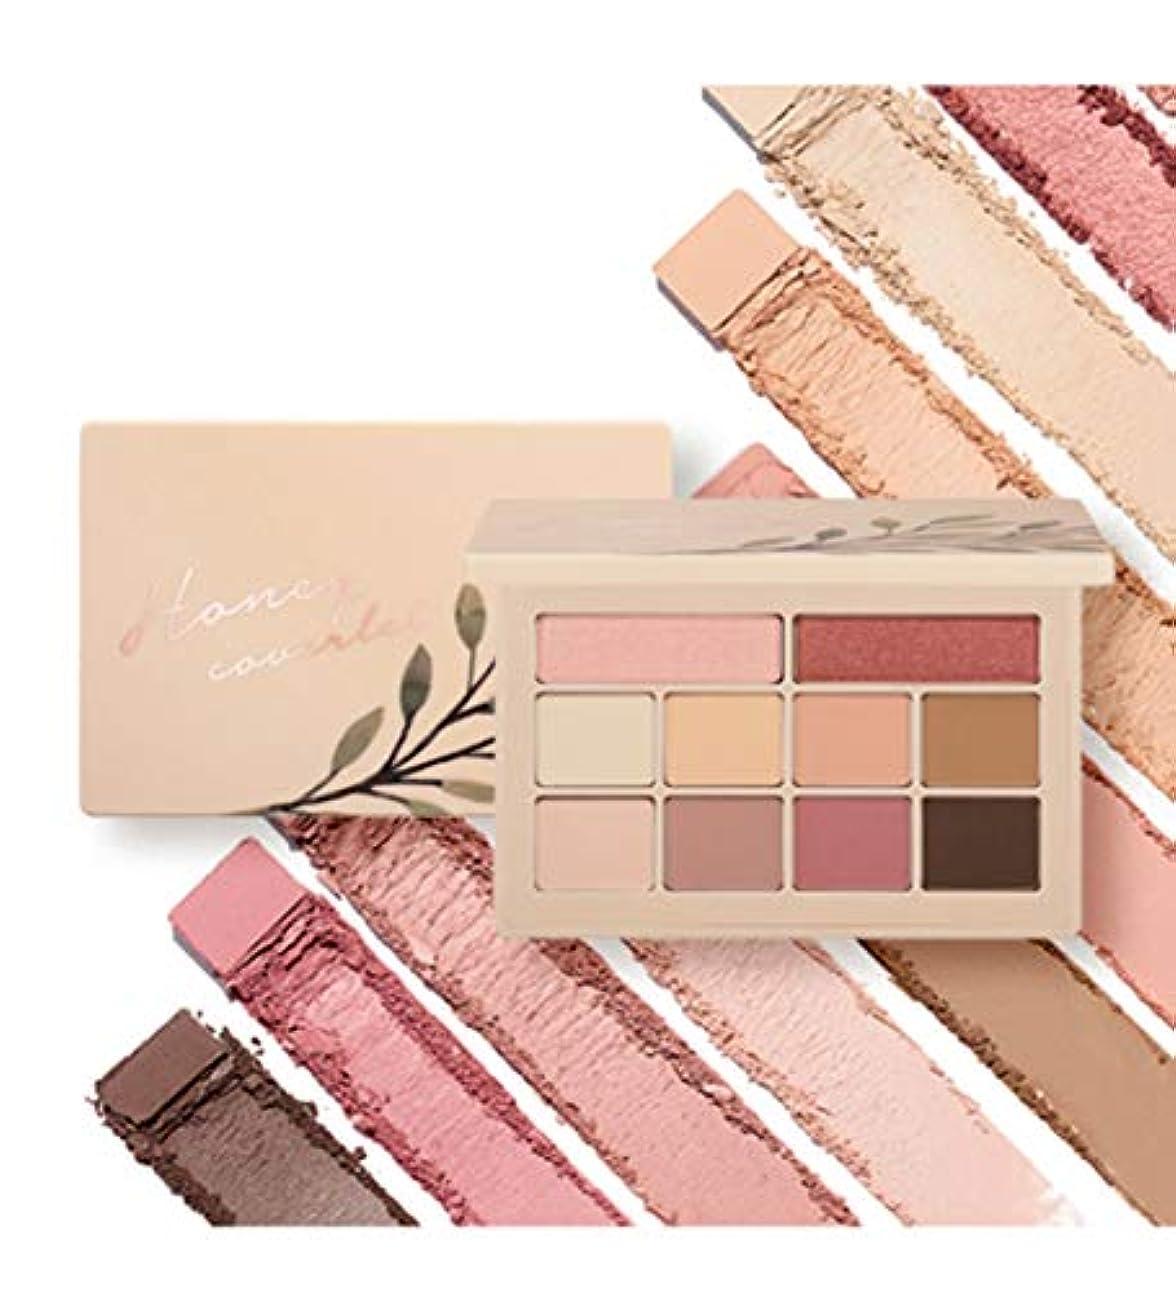 食用分岐する流用するMoonshot Honey Coverlet Eyeshadow Palette YOO IN-NA COLLECTIONwarm tone&cool tone 10色のアイシャドウ(並行輸入品)